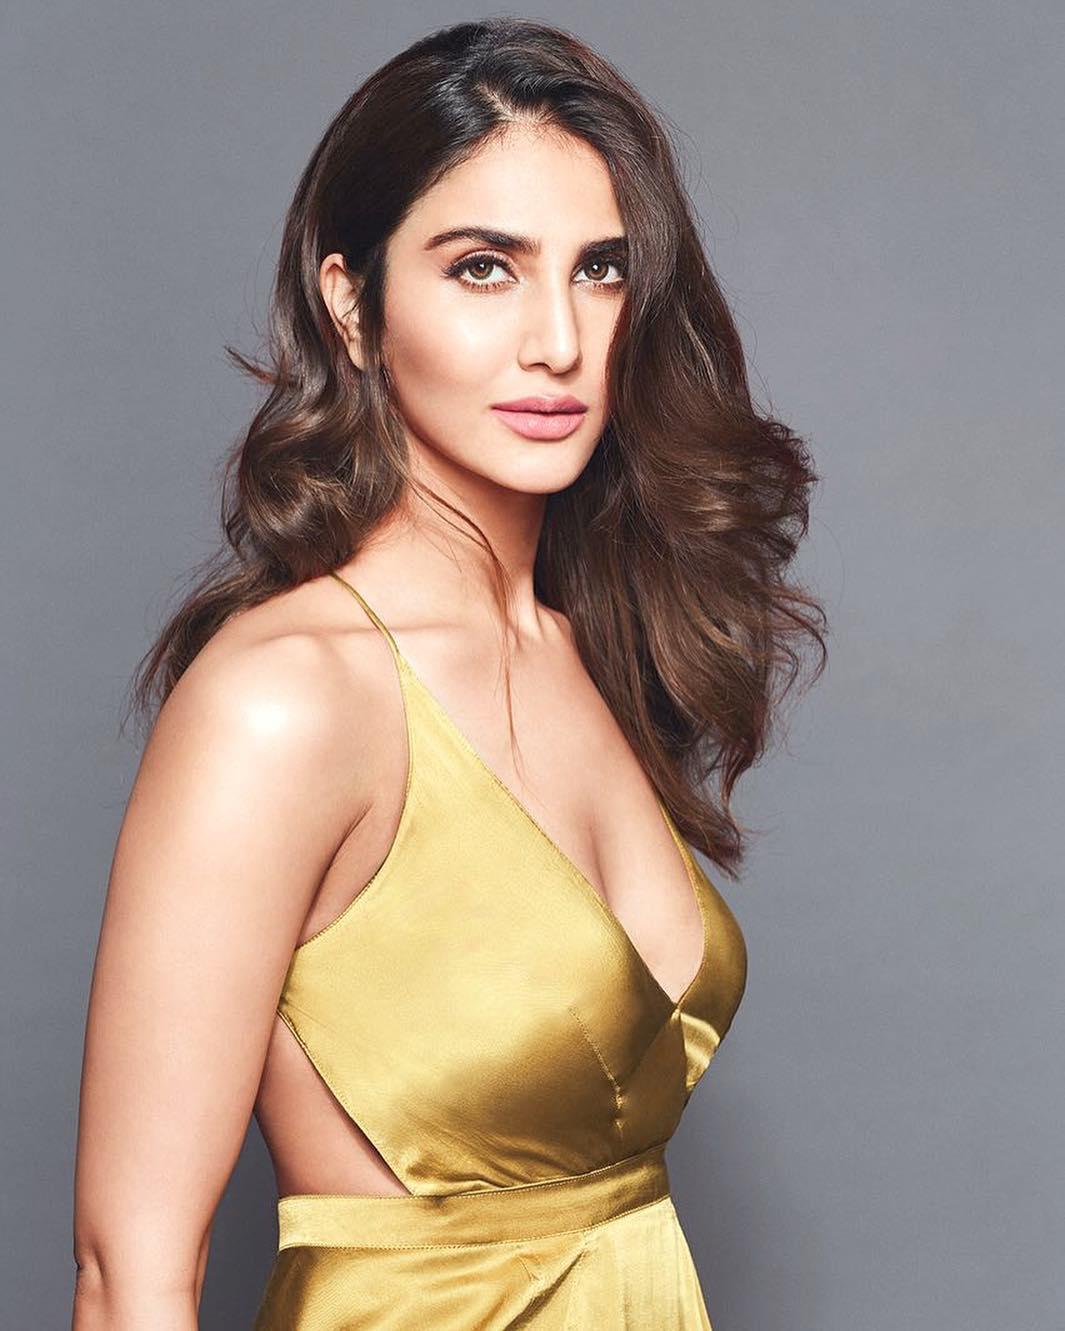 ही अभिनेत्री दुसरी तिसरी कोणी नसून सध्या WAR सिनेमातील बिकिनी अवतारामुळे चर्चेत असलेली अभिनेत्री वाणी कपूर आहे. 23 ऑगस्ट, 1988 मध्ये दिल्लीमध्ये जन्माला आलेली वाणी आज 31 वाढदिवस साजरा करत आहे.